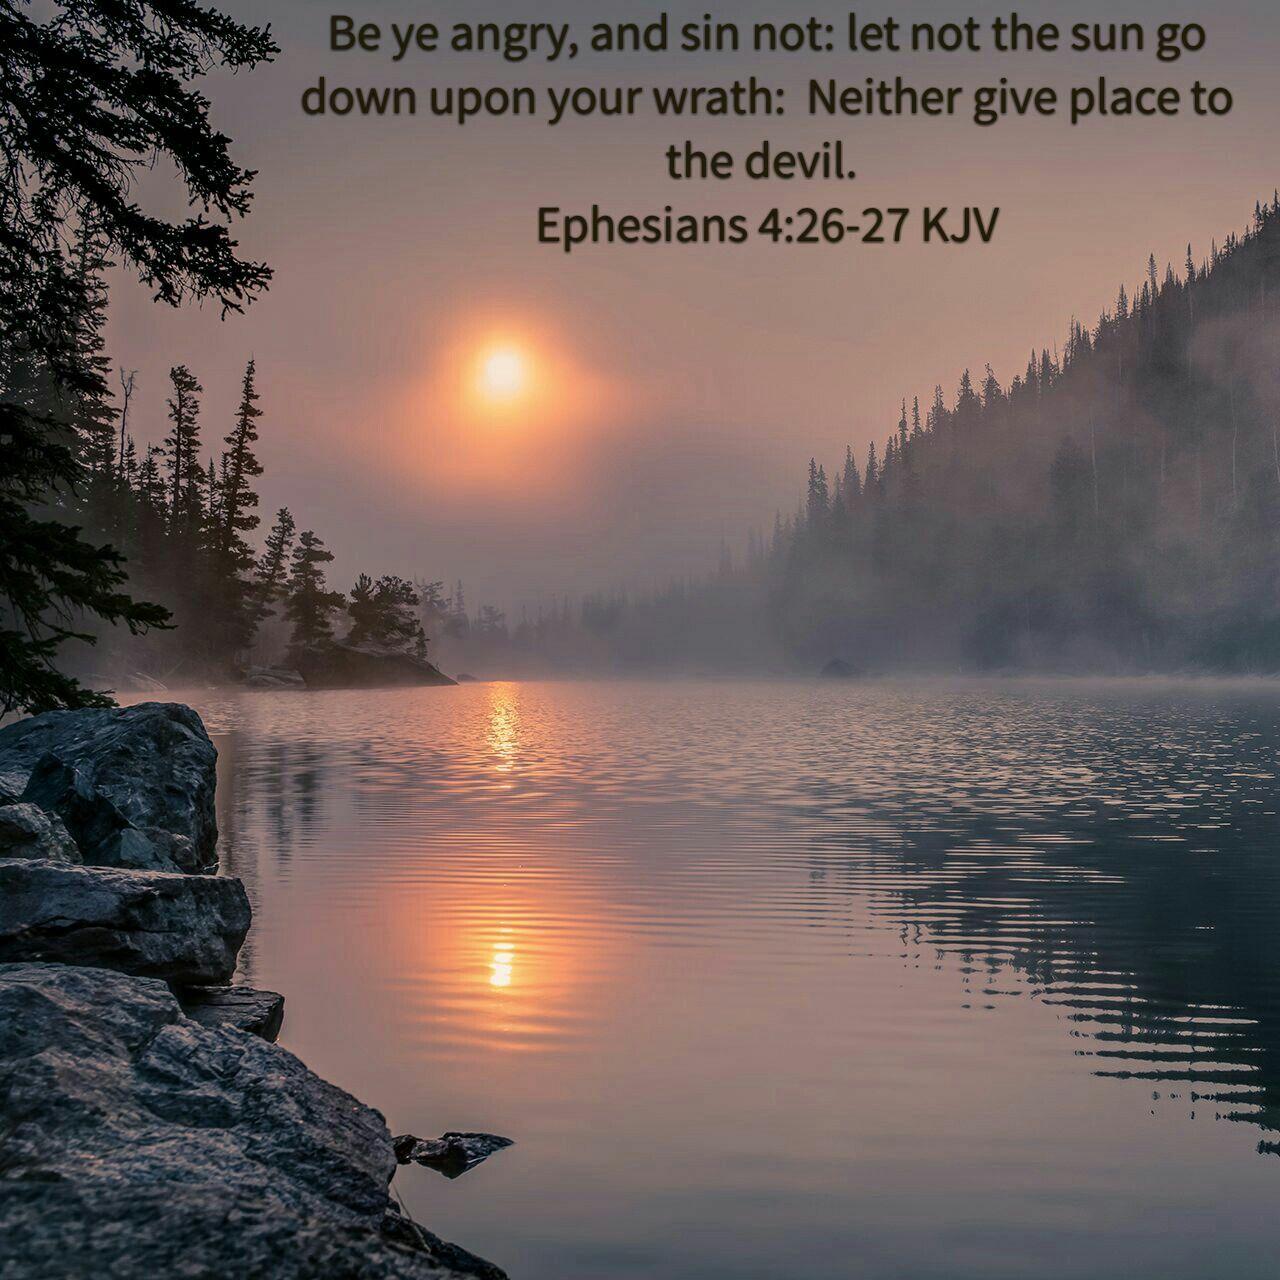 Ephesians 42627 KJV Bible passages, Bible apps, Good